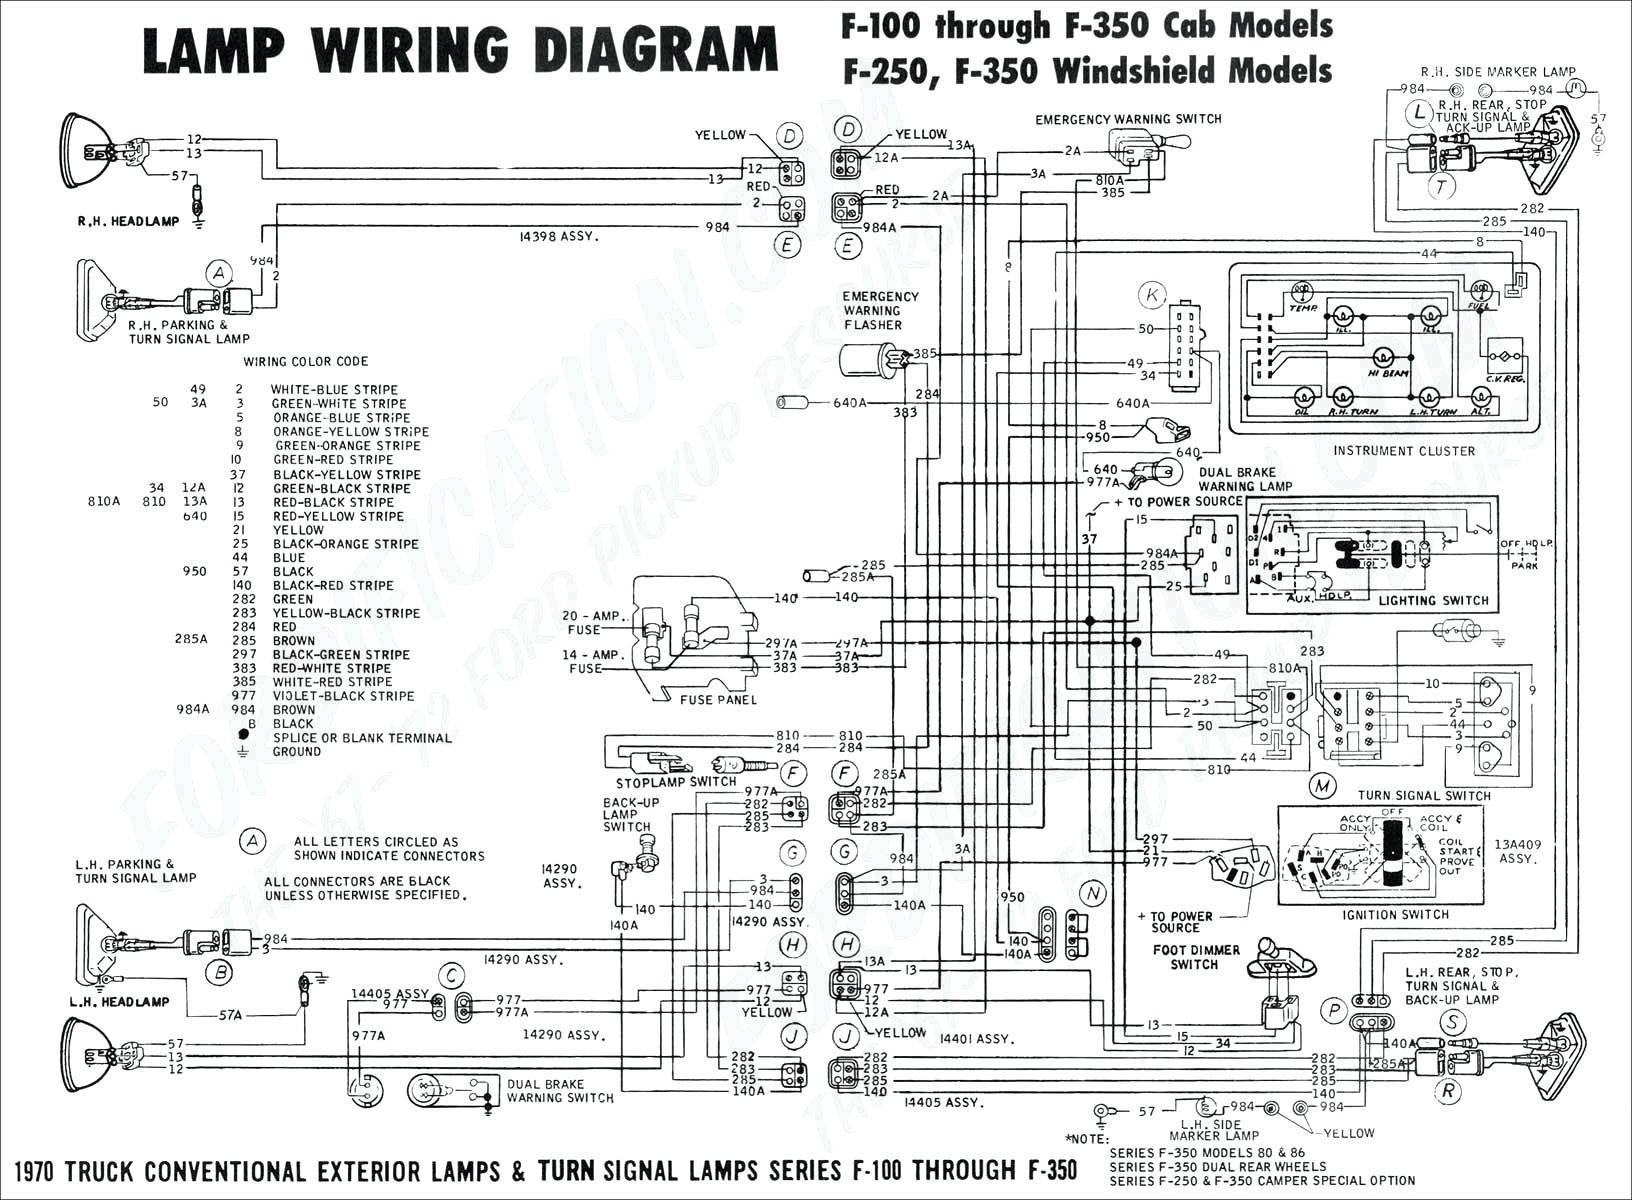 1998 ford Windstar Engine Diagram Windstar 3 8 Engine Diagram Wiring Diagram Used Of 1998 ford Windstar Engine Diagram